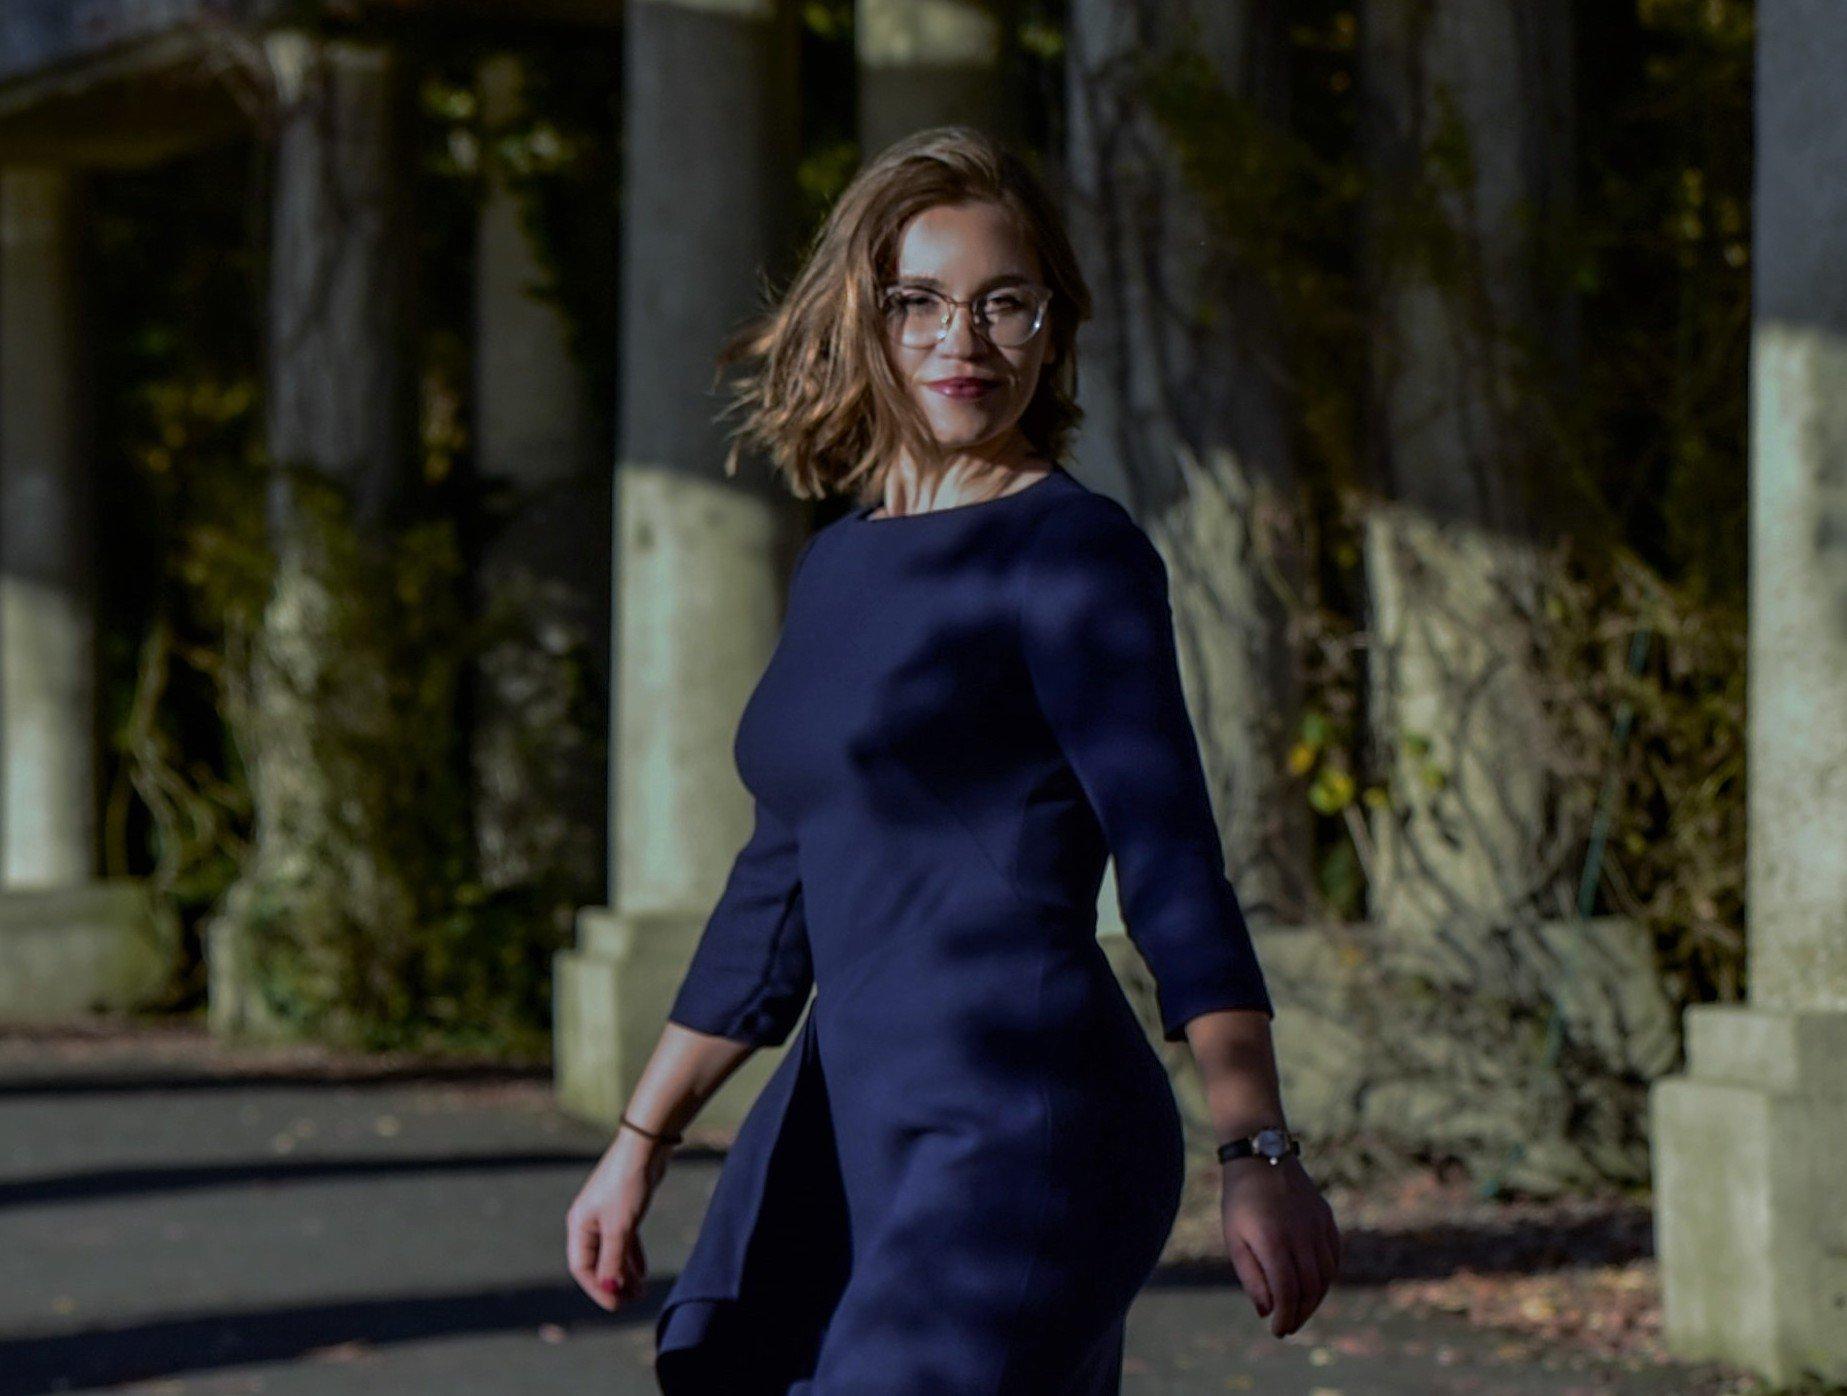 Marta Kaczmarczyk